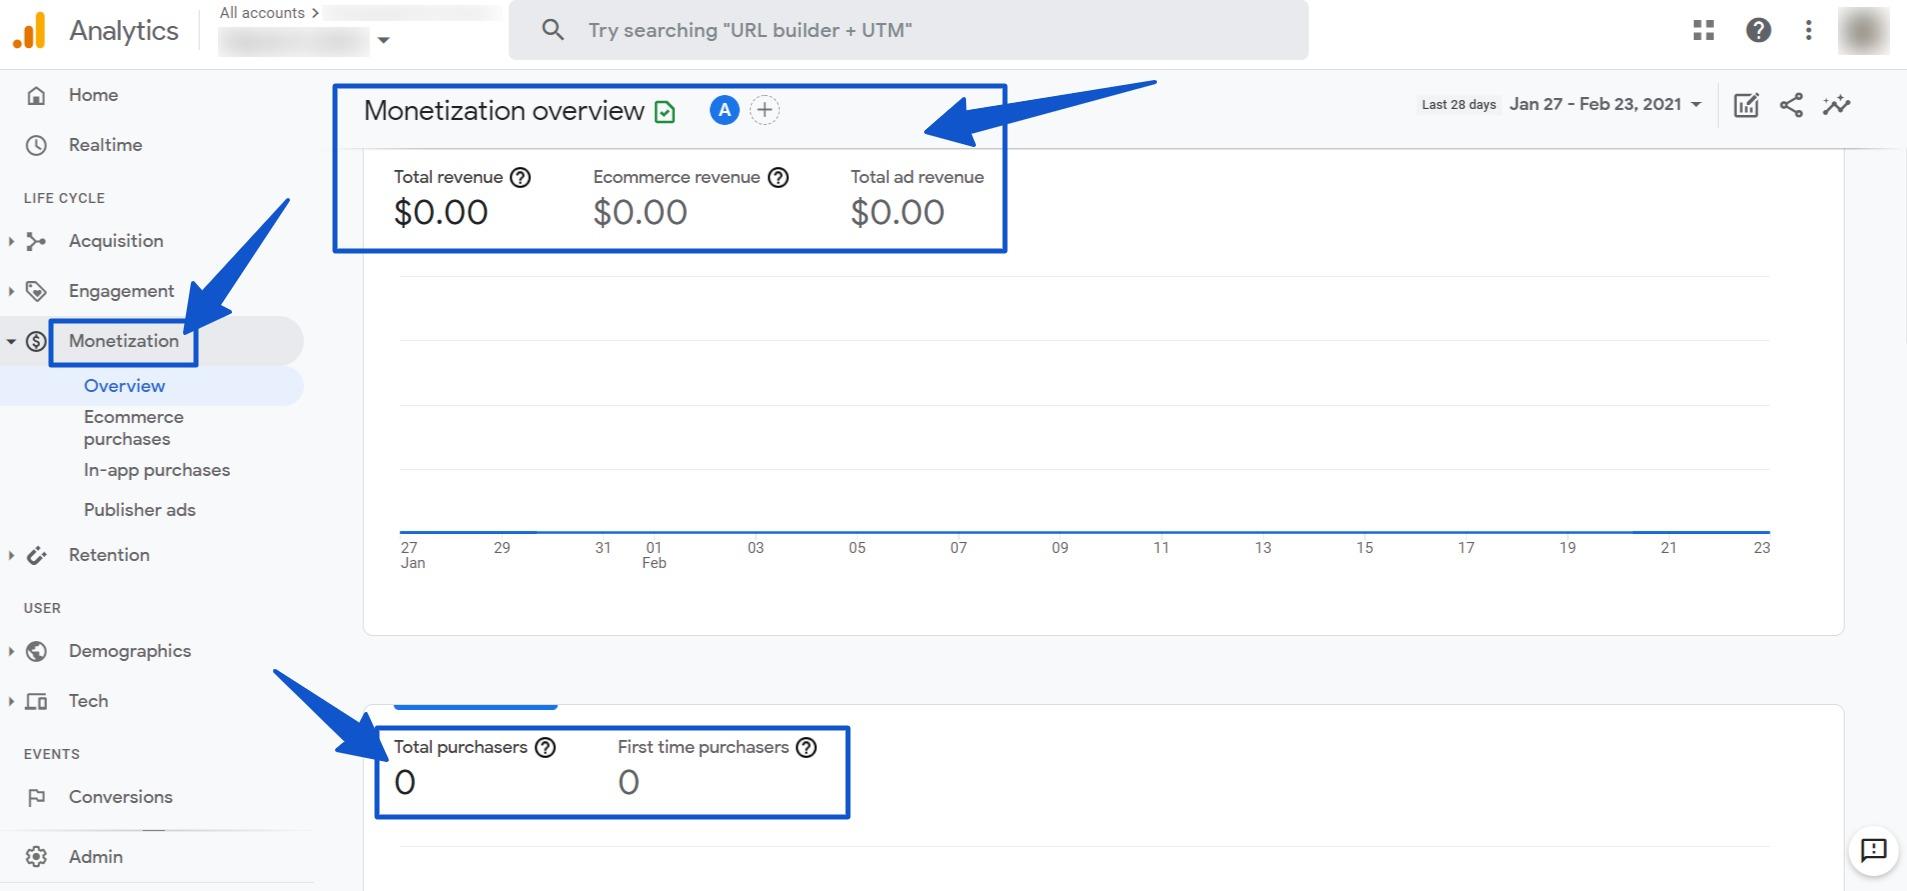 Monetization overview in Google Analytics